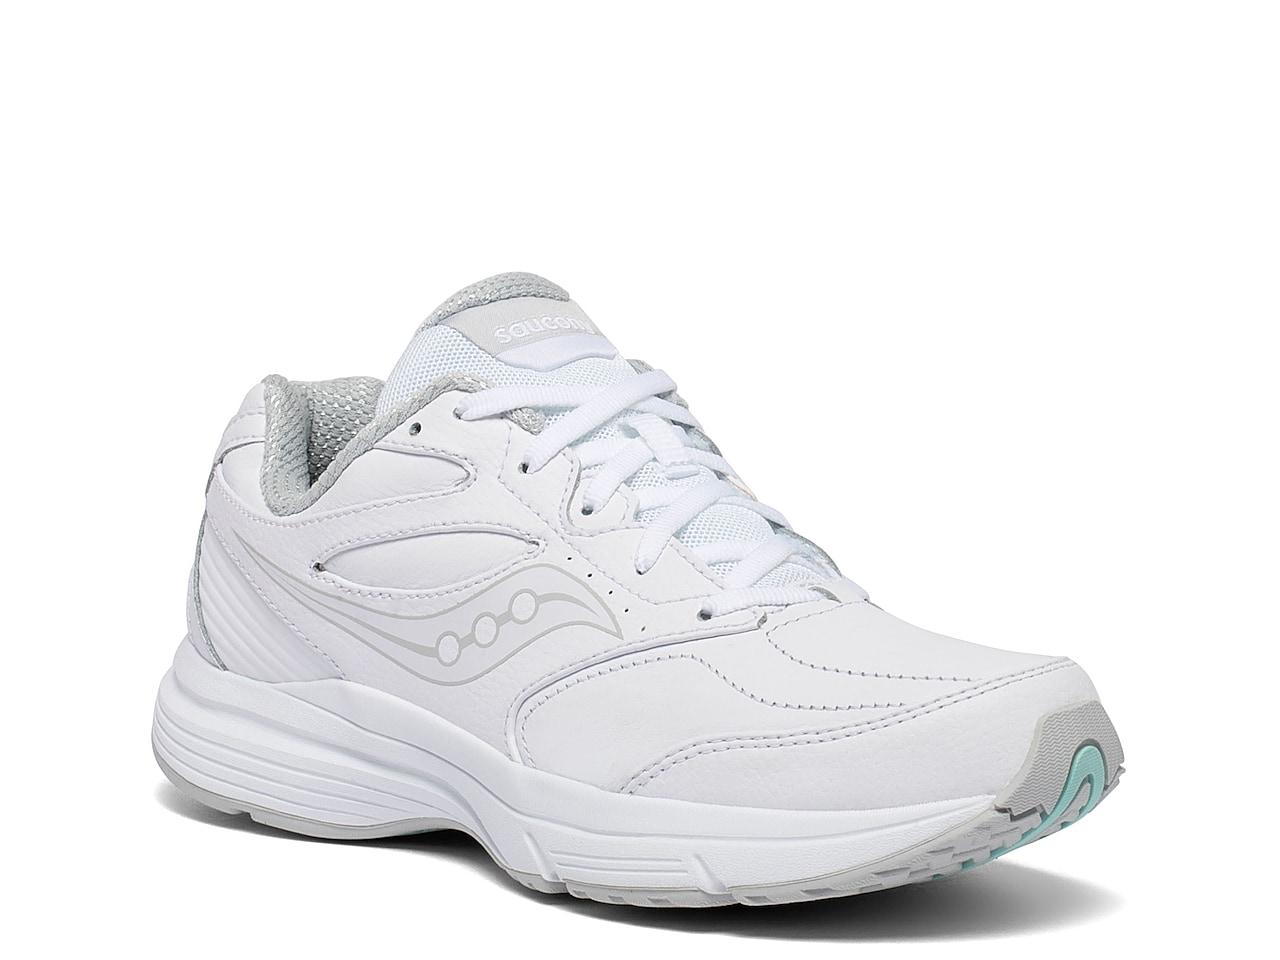 Saucony Integrity Walker 3 Walking Shoe - Women's